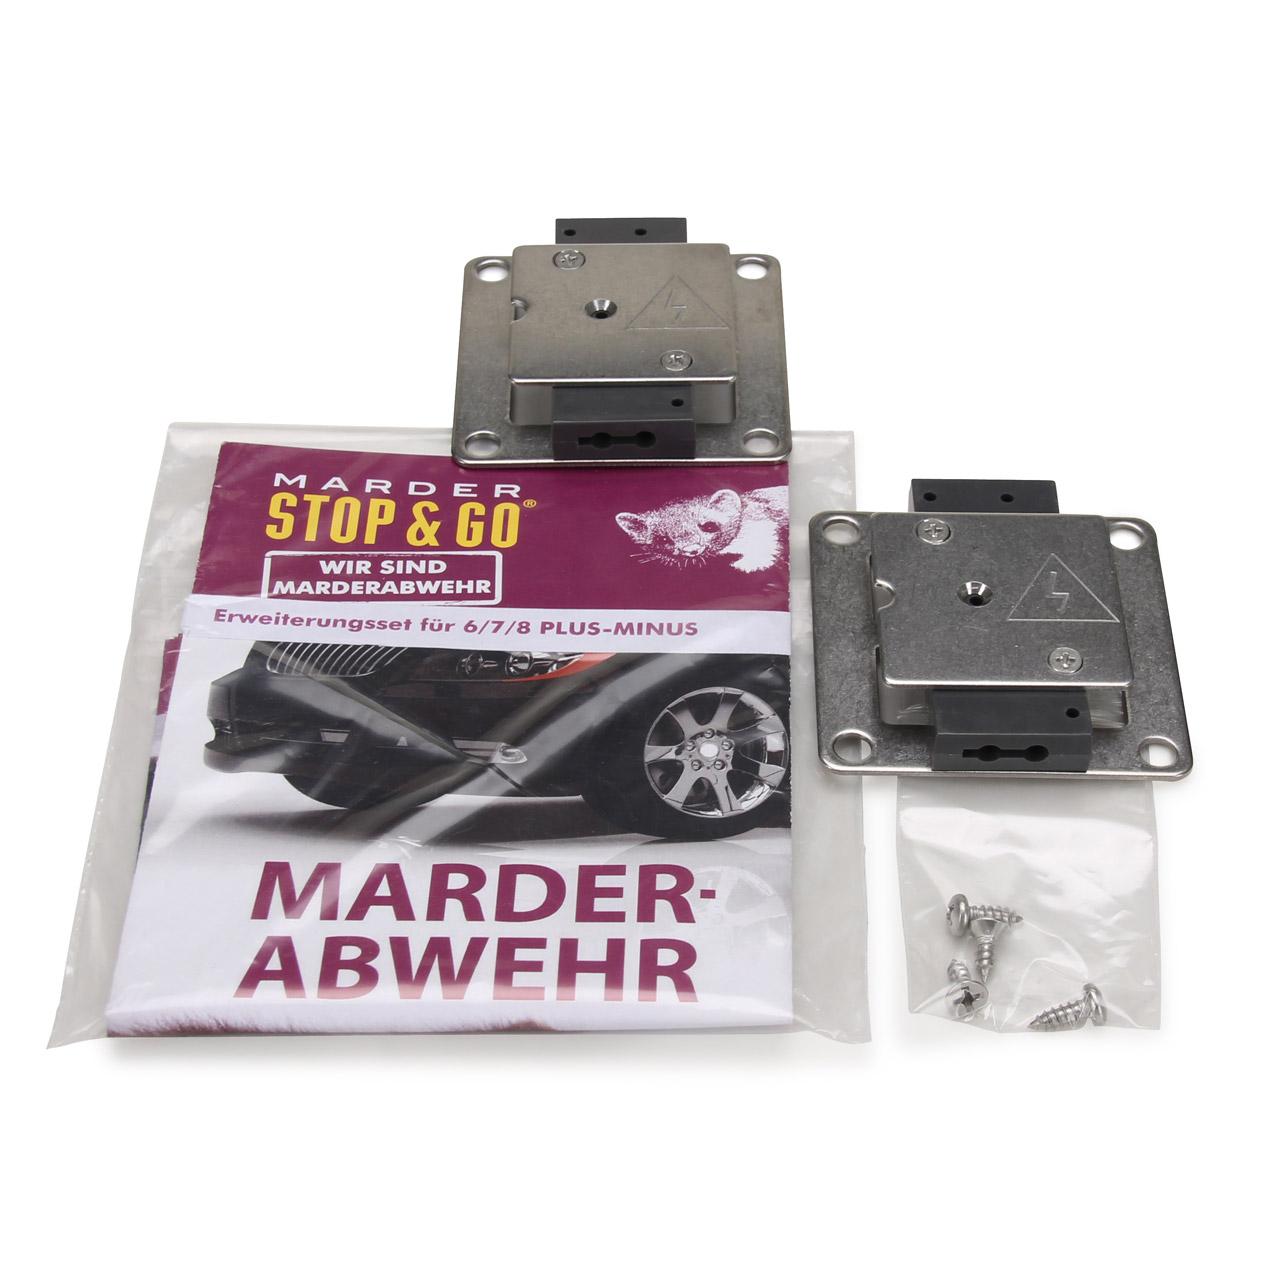 STOP & GO Marderabwehrgerät Erweiterungssatz Typ 6 7 8 Plus-Minus 07507